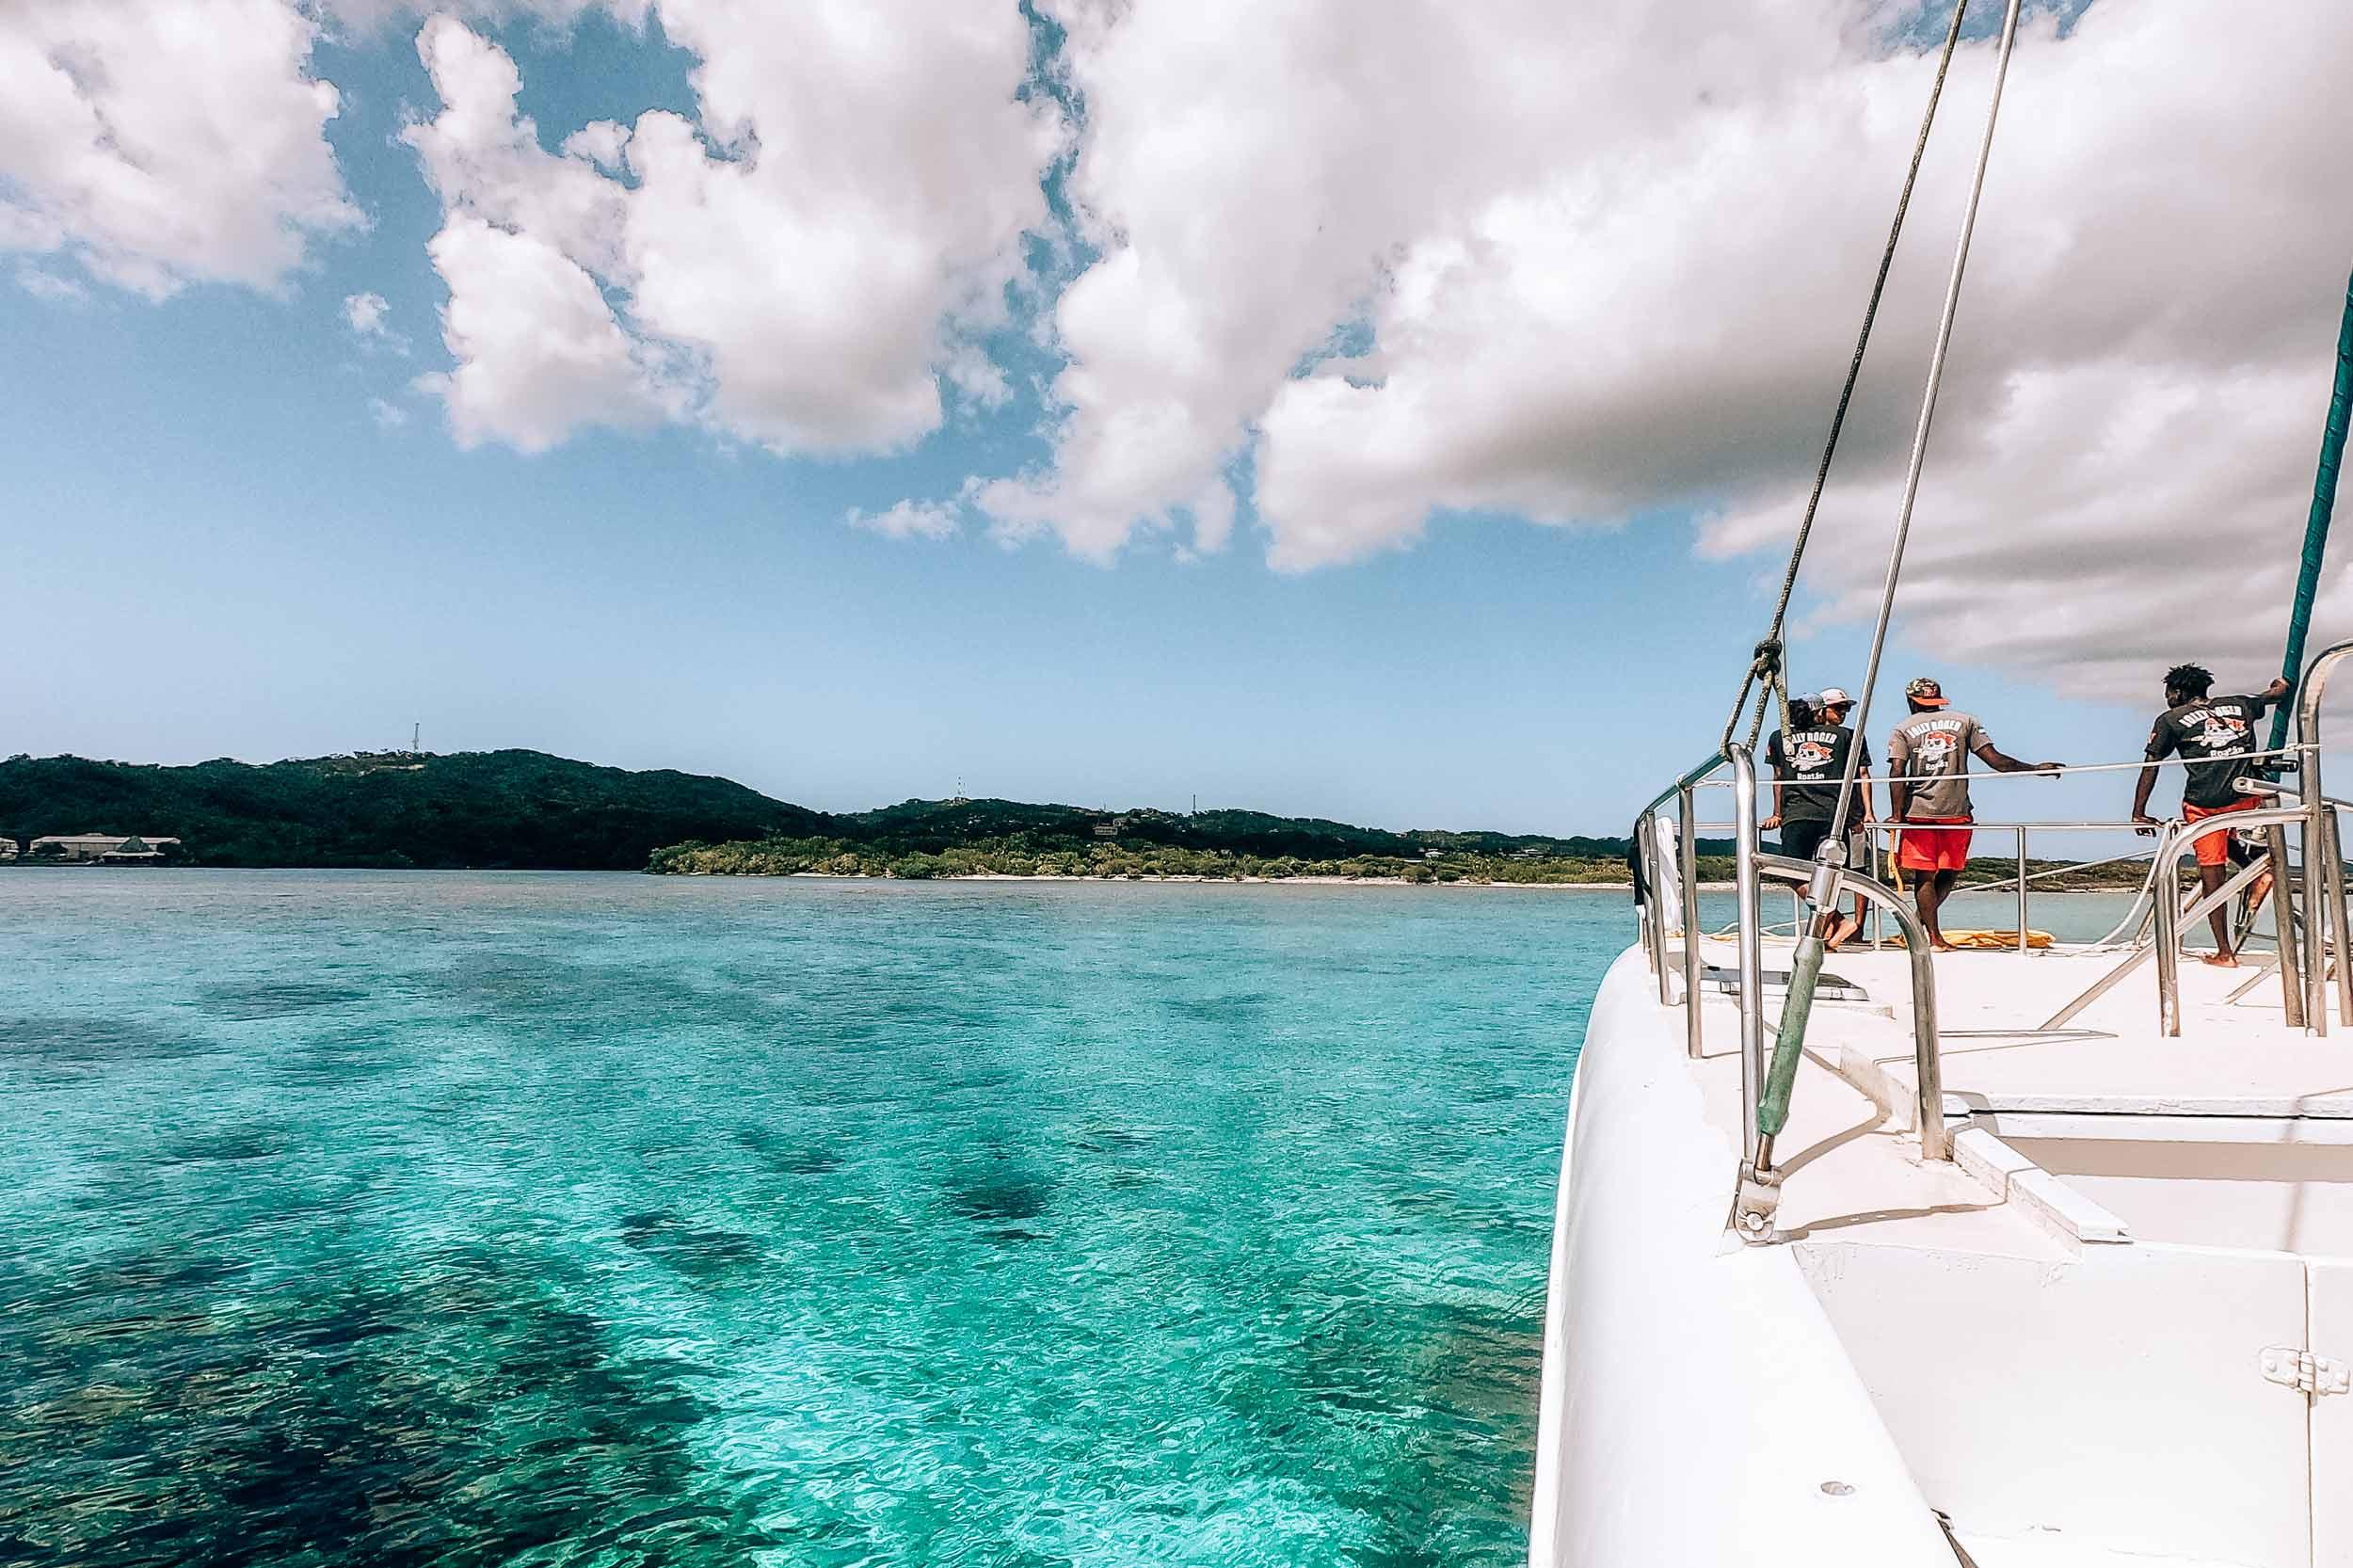 Mittelamerika-Kreuzfahrt-Roatan-Honduras-Ausflug-Katamaran-Schnorcheln